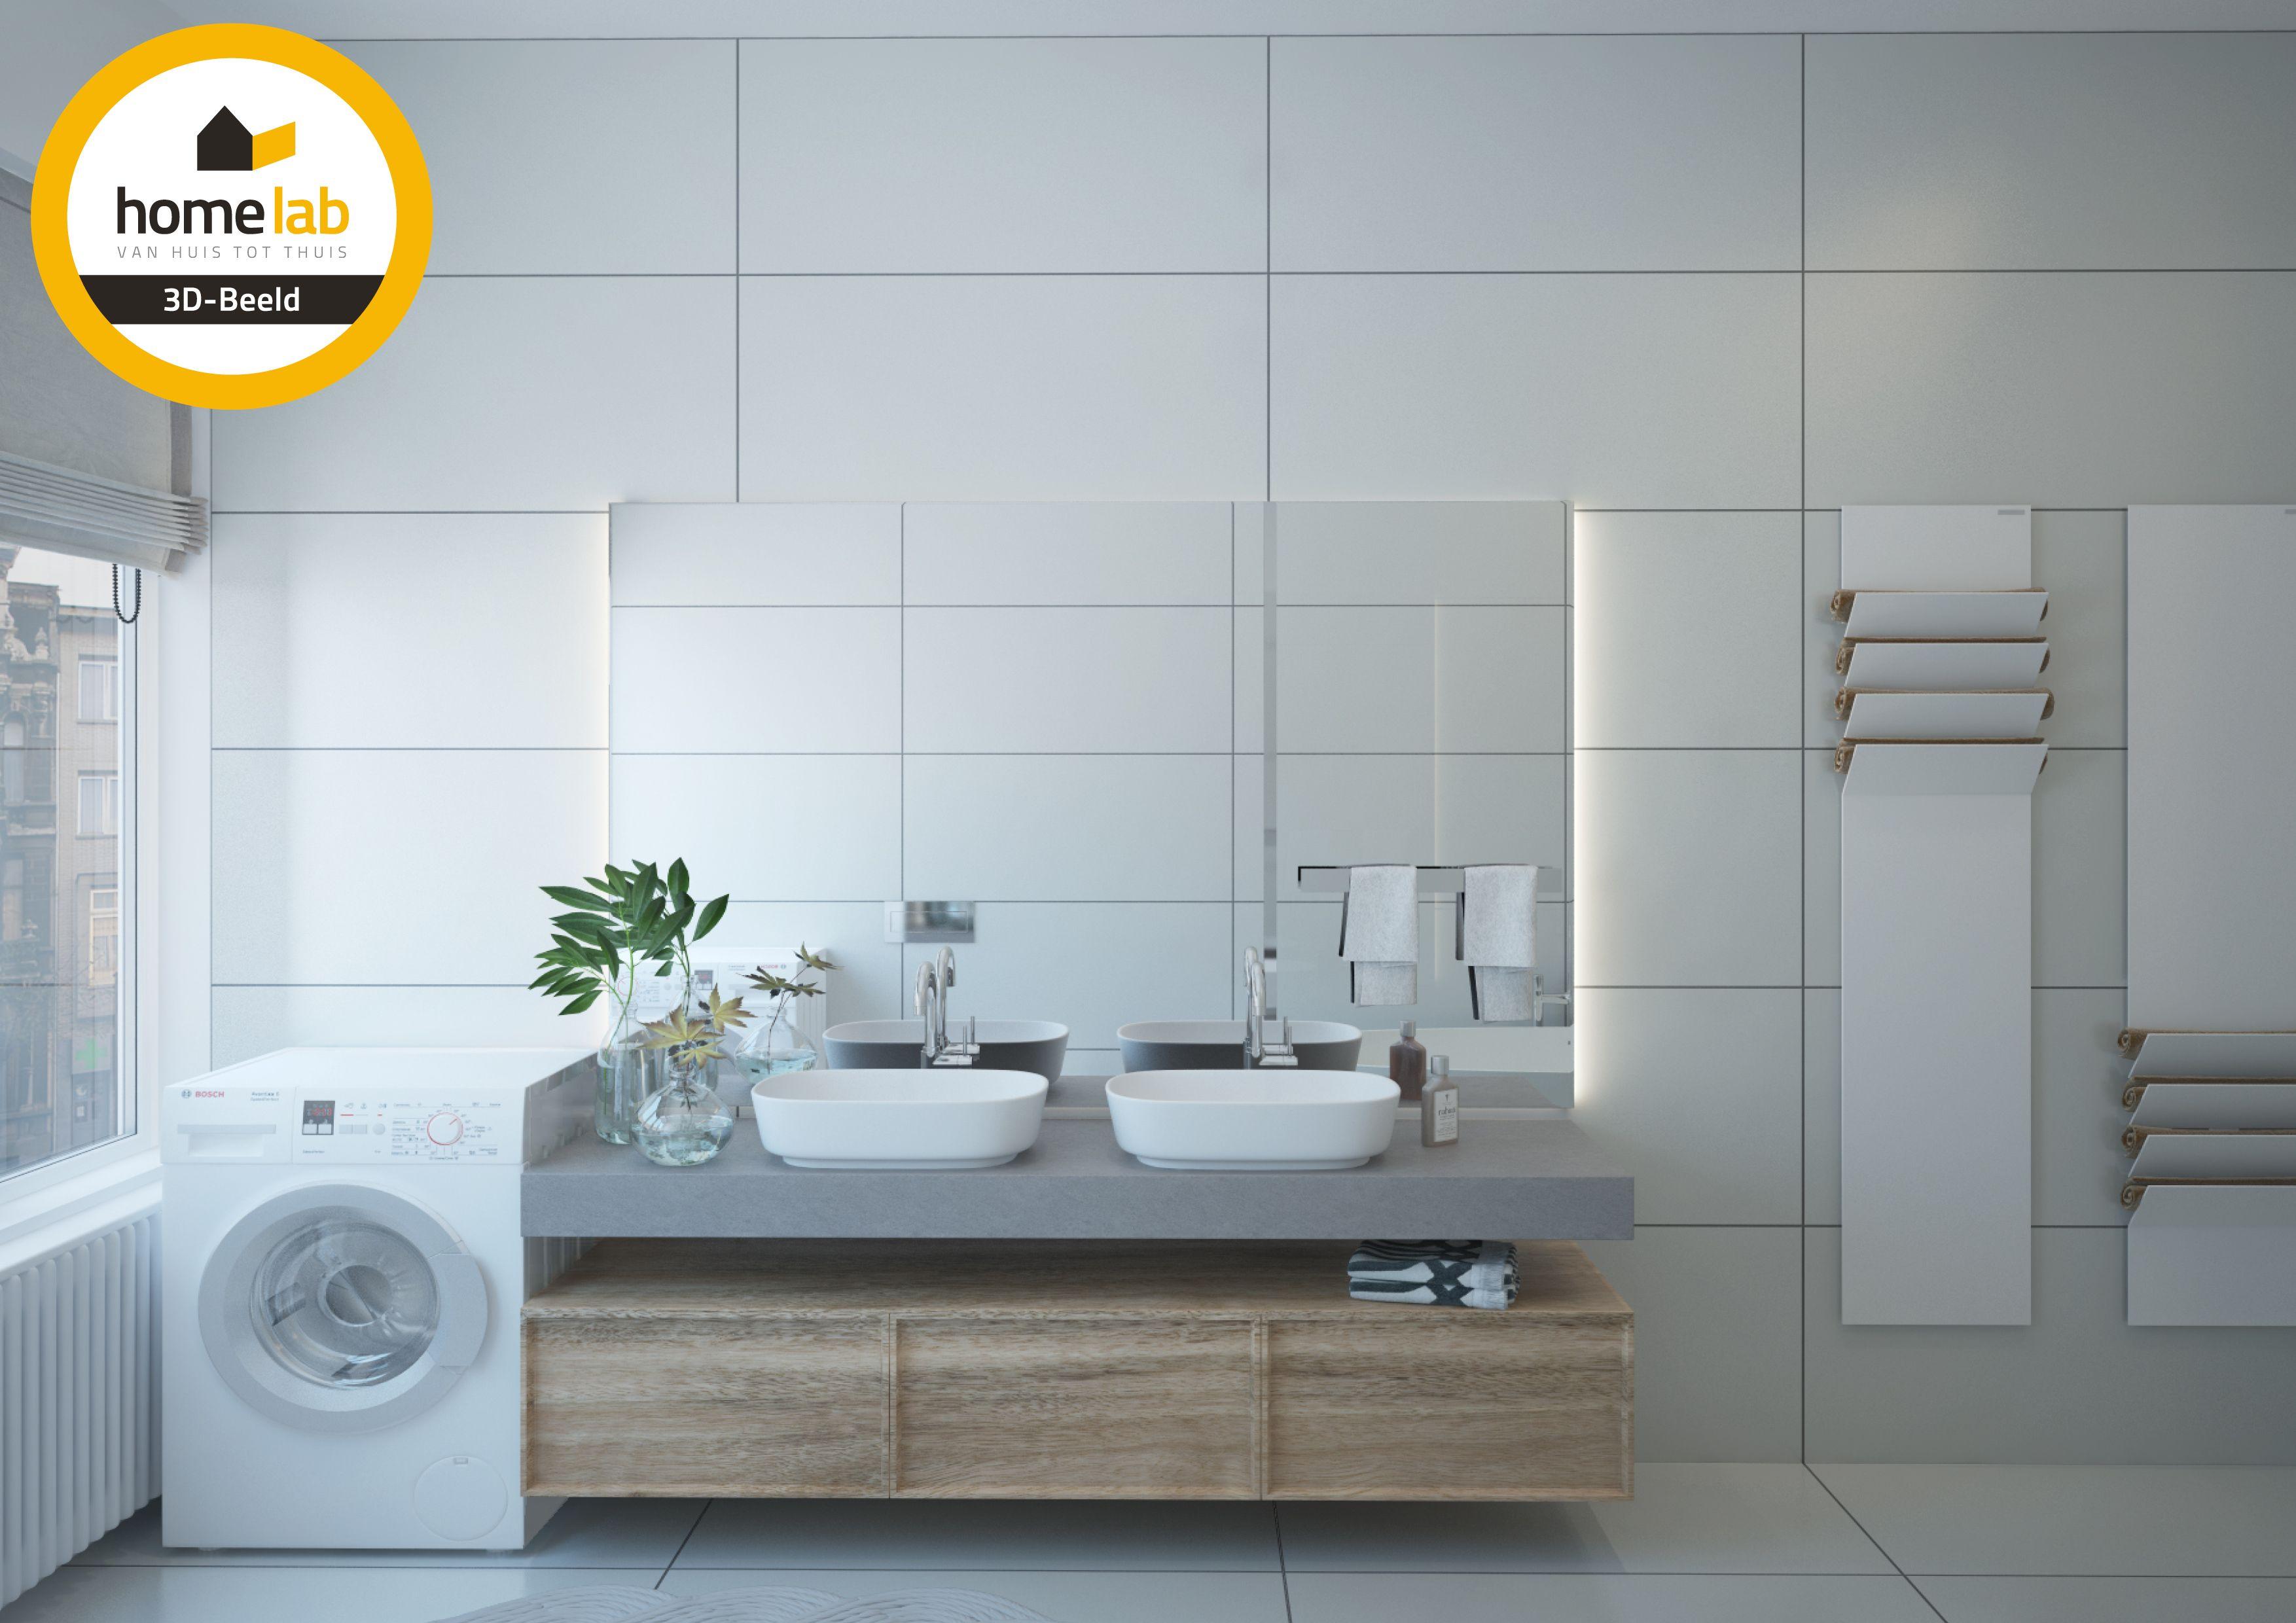 Homelab badkamer renovatie appartement te Sint-Truiden